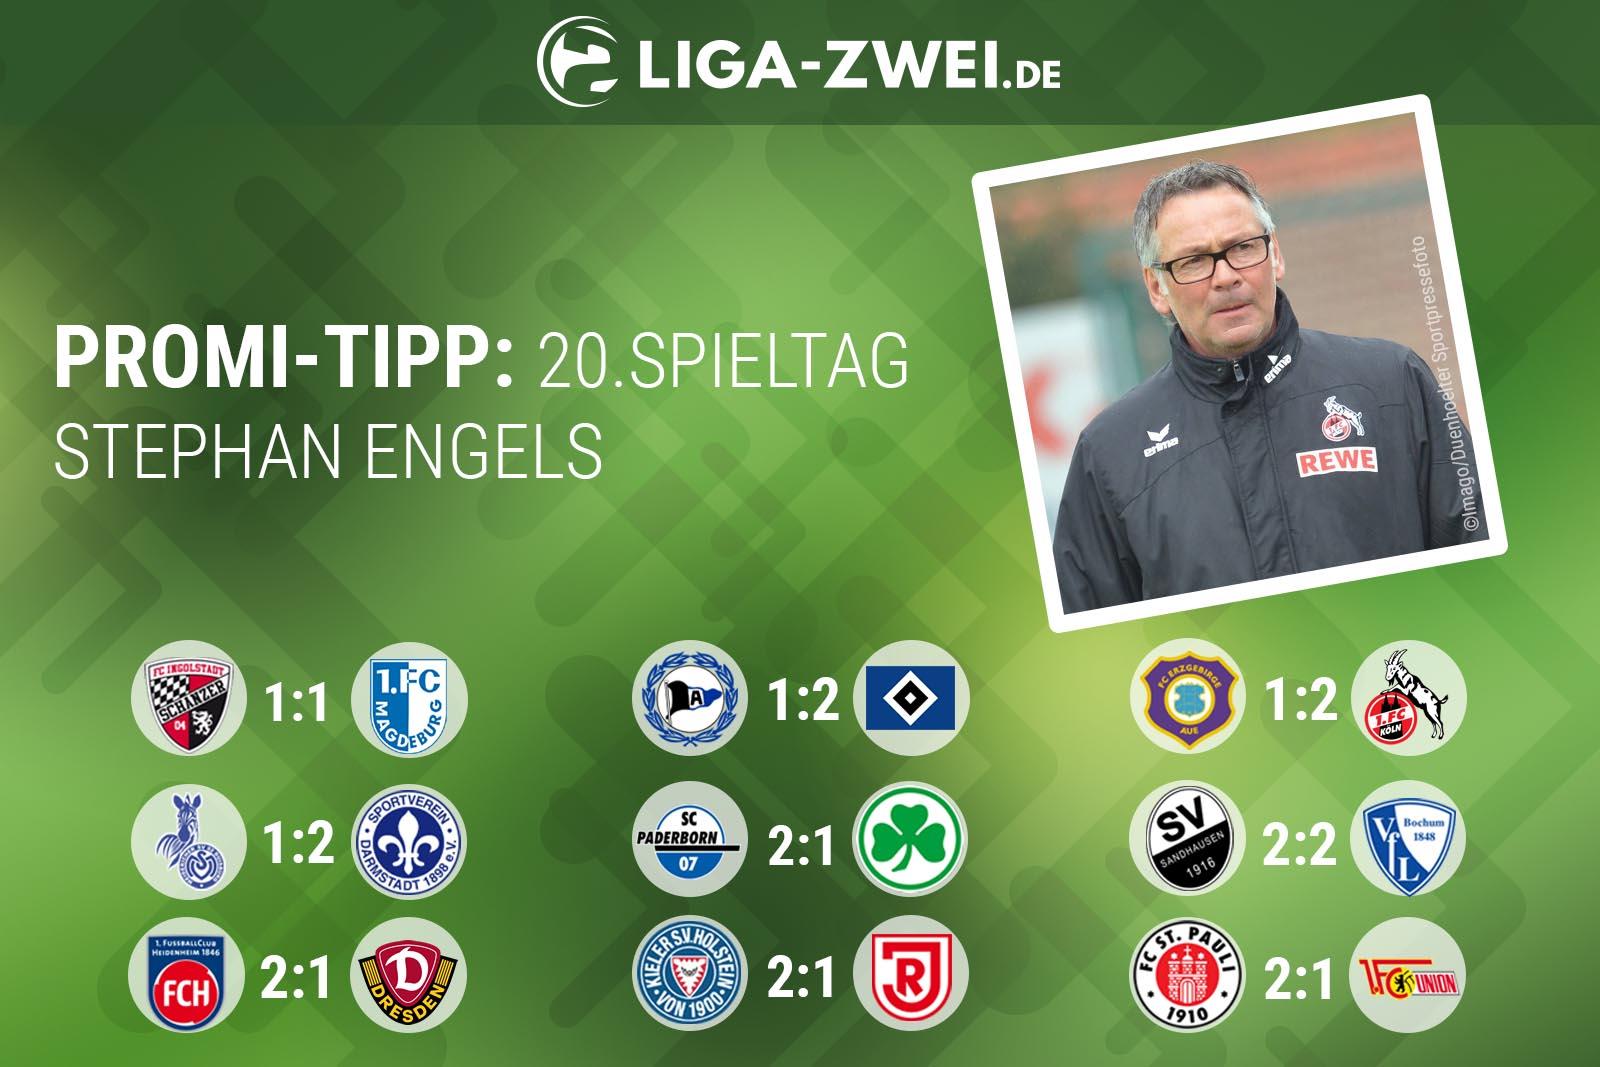 Stephan Engels beim Liga-Zwei.de Promi-Tipp